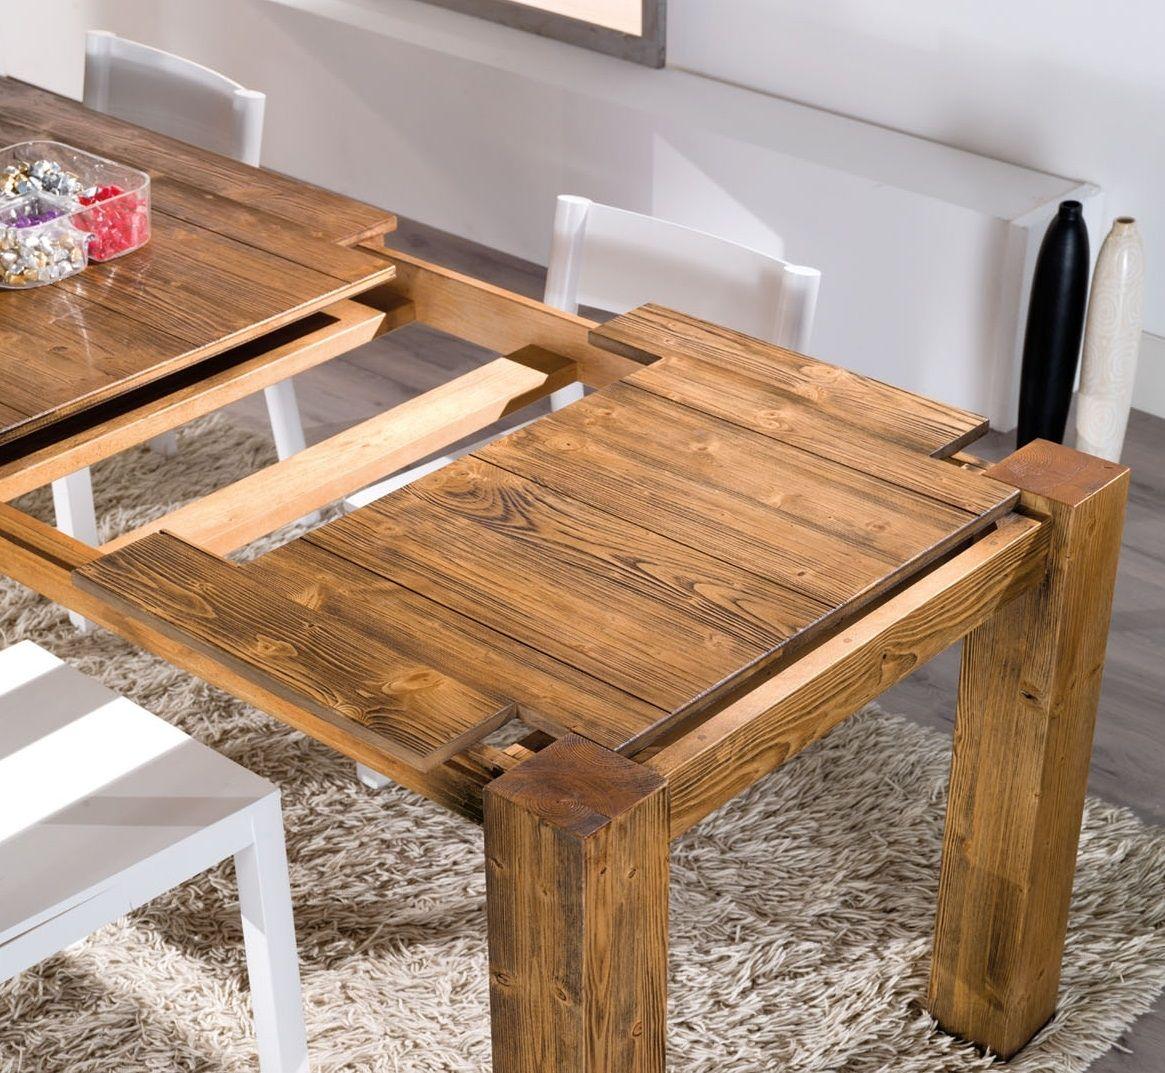 tavolo allungabile mira in legno | tavoli legno | pinterest - Tavolo Allungabile Legno Massello